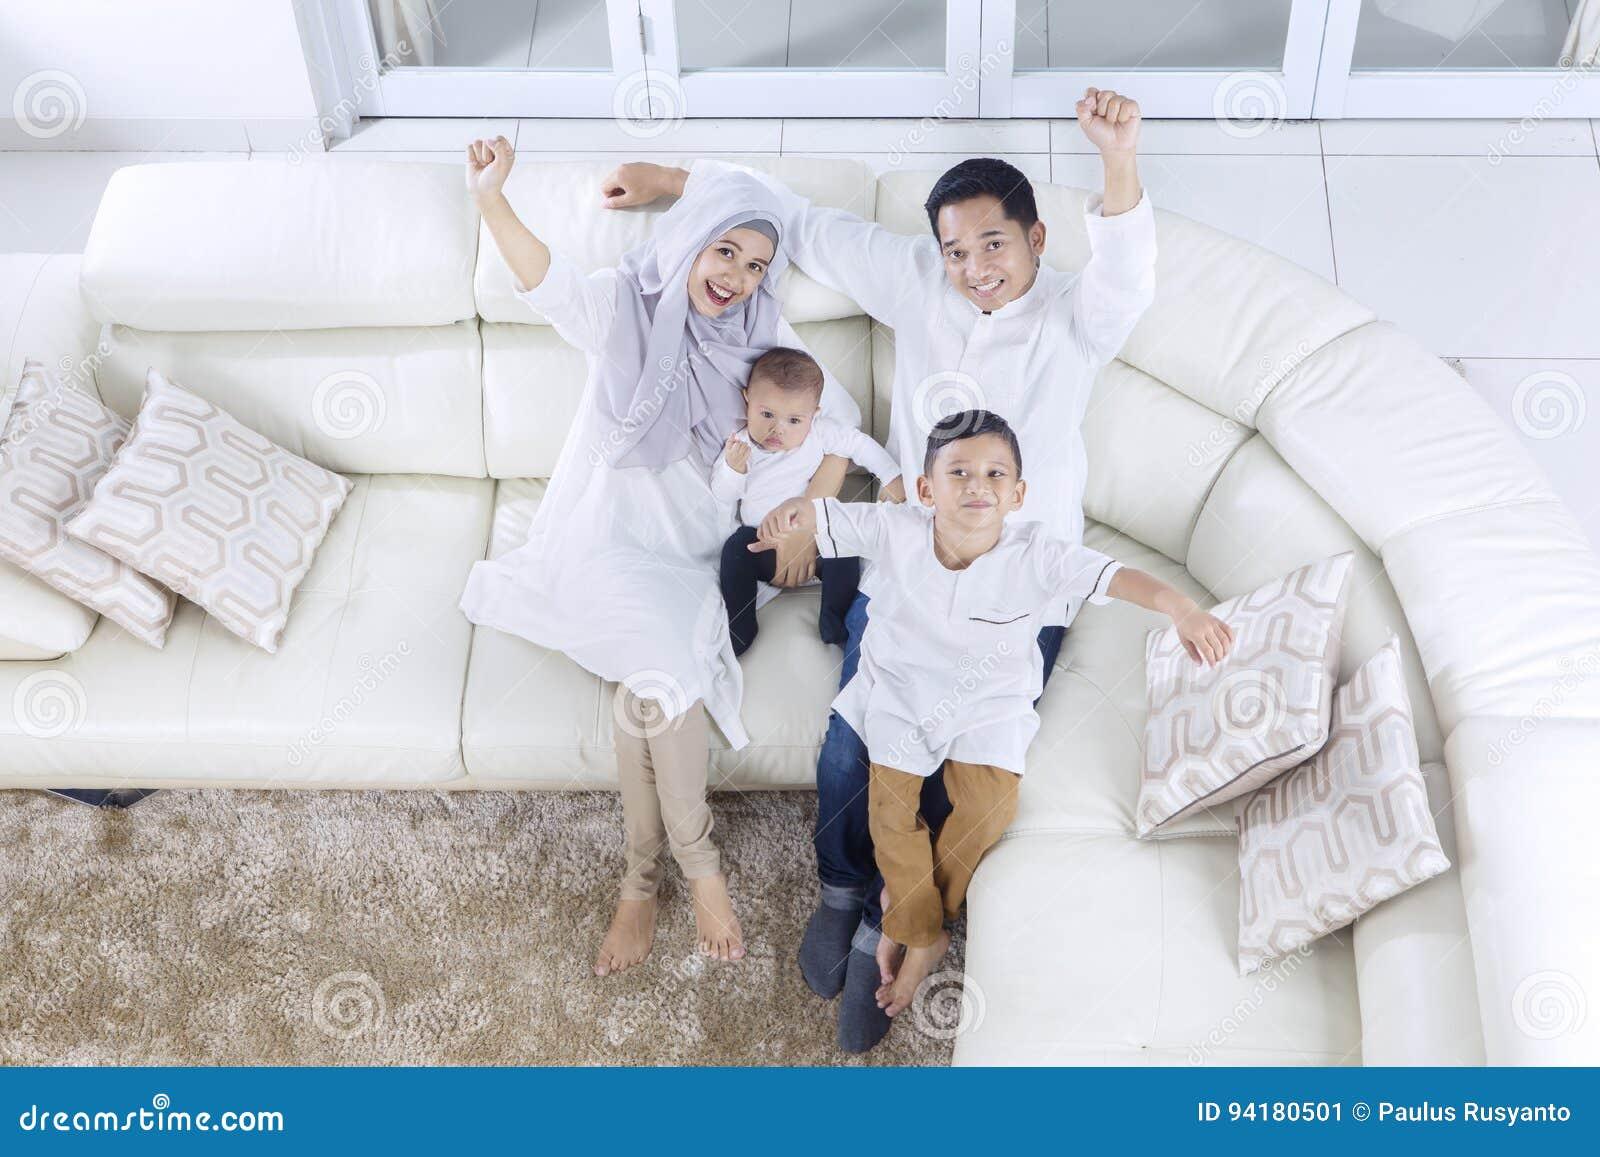 Μουσουλμανική οικογένεια που εκφράζει την ευτυχία τους